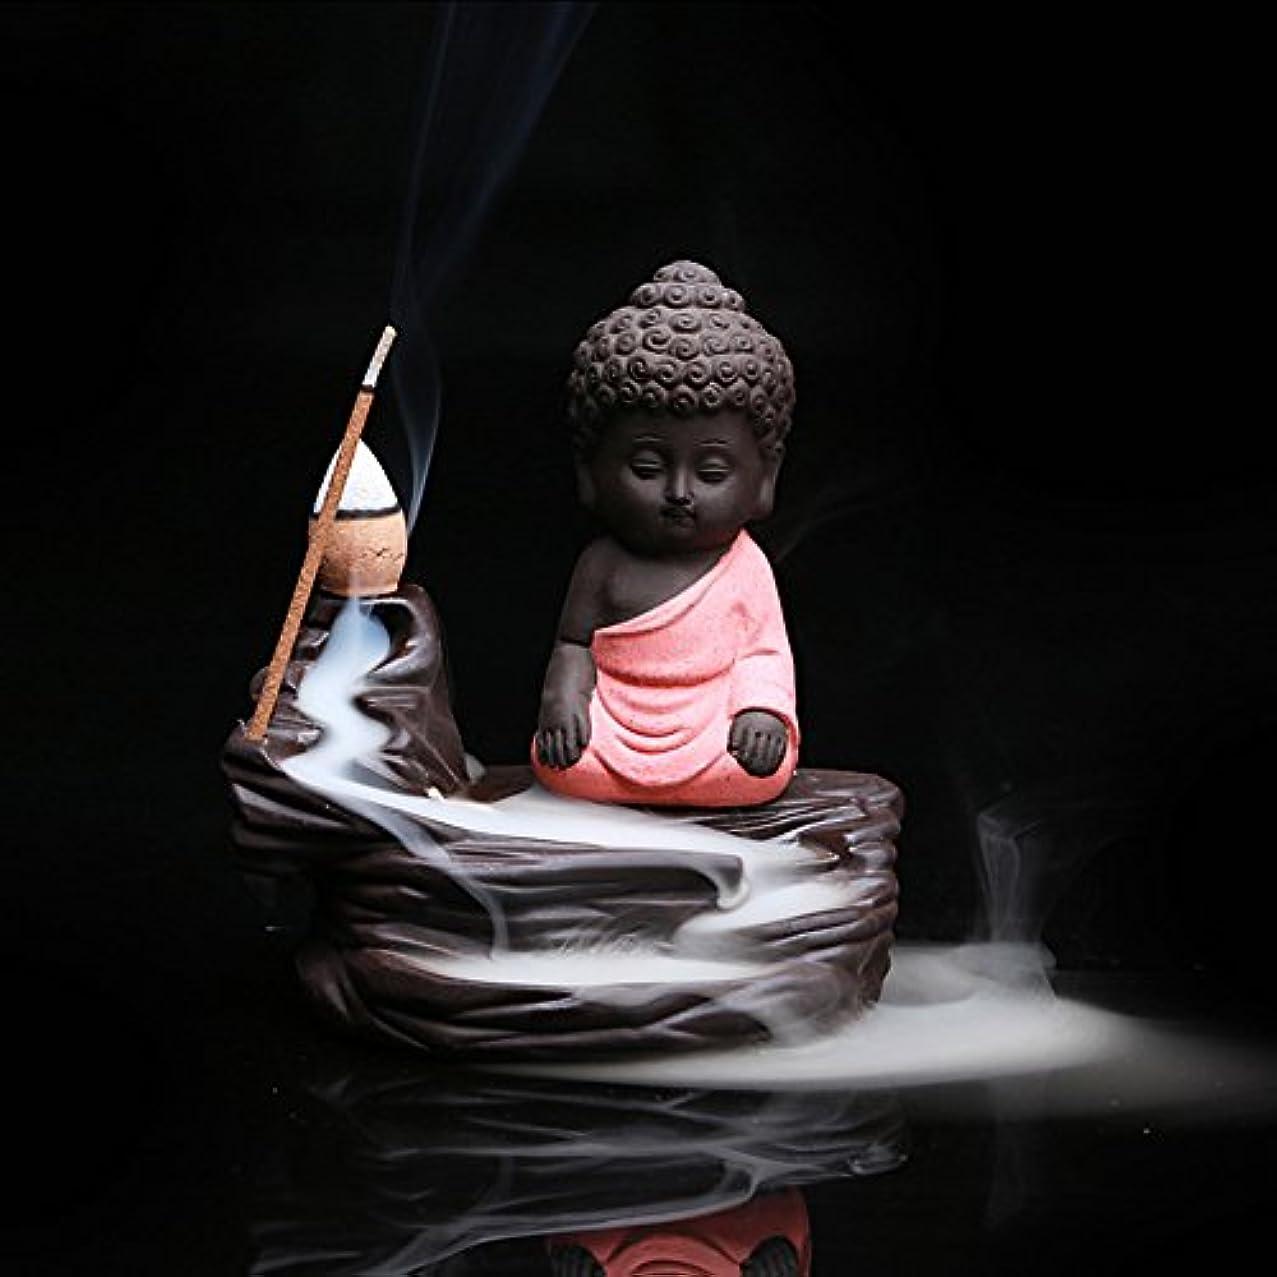 学んだ実験室火傷クリエイティブ逆流香炉コーンスティックホルダーSmall BuddhaセラミックCenserホーム部屋装飾 12.0*12.0*6.0cm レッド Colorado